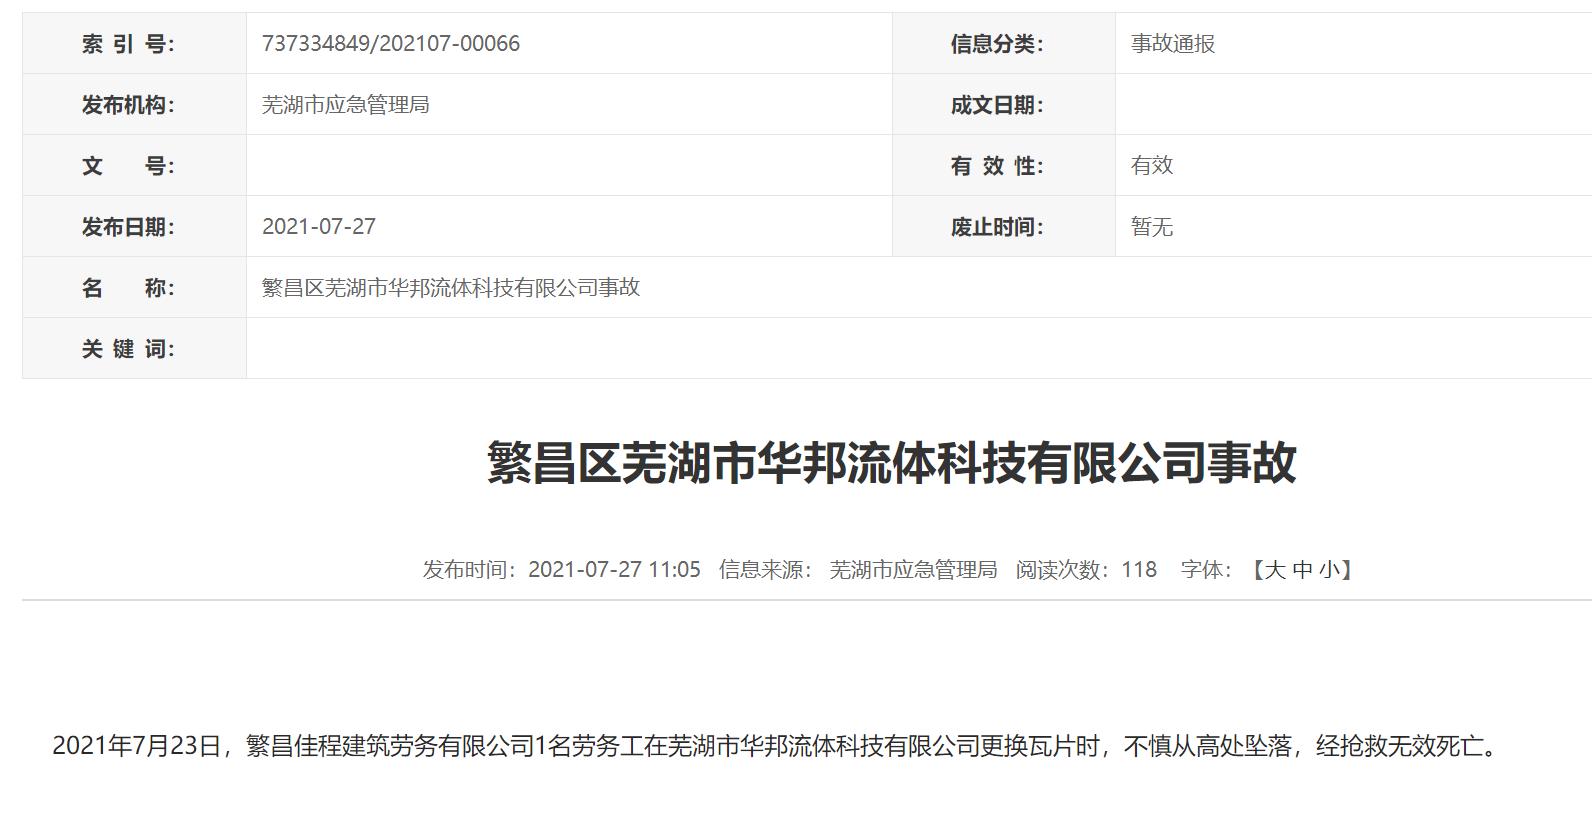 芜湖一公司发生一起高处坠落事故 造成1人死亡